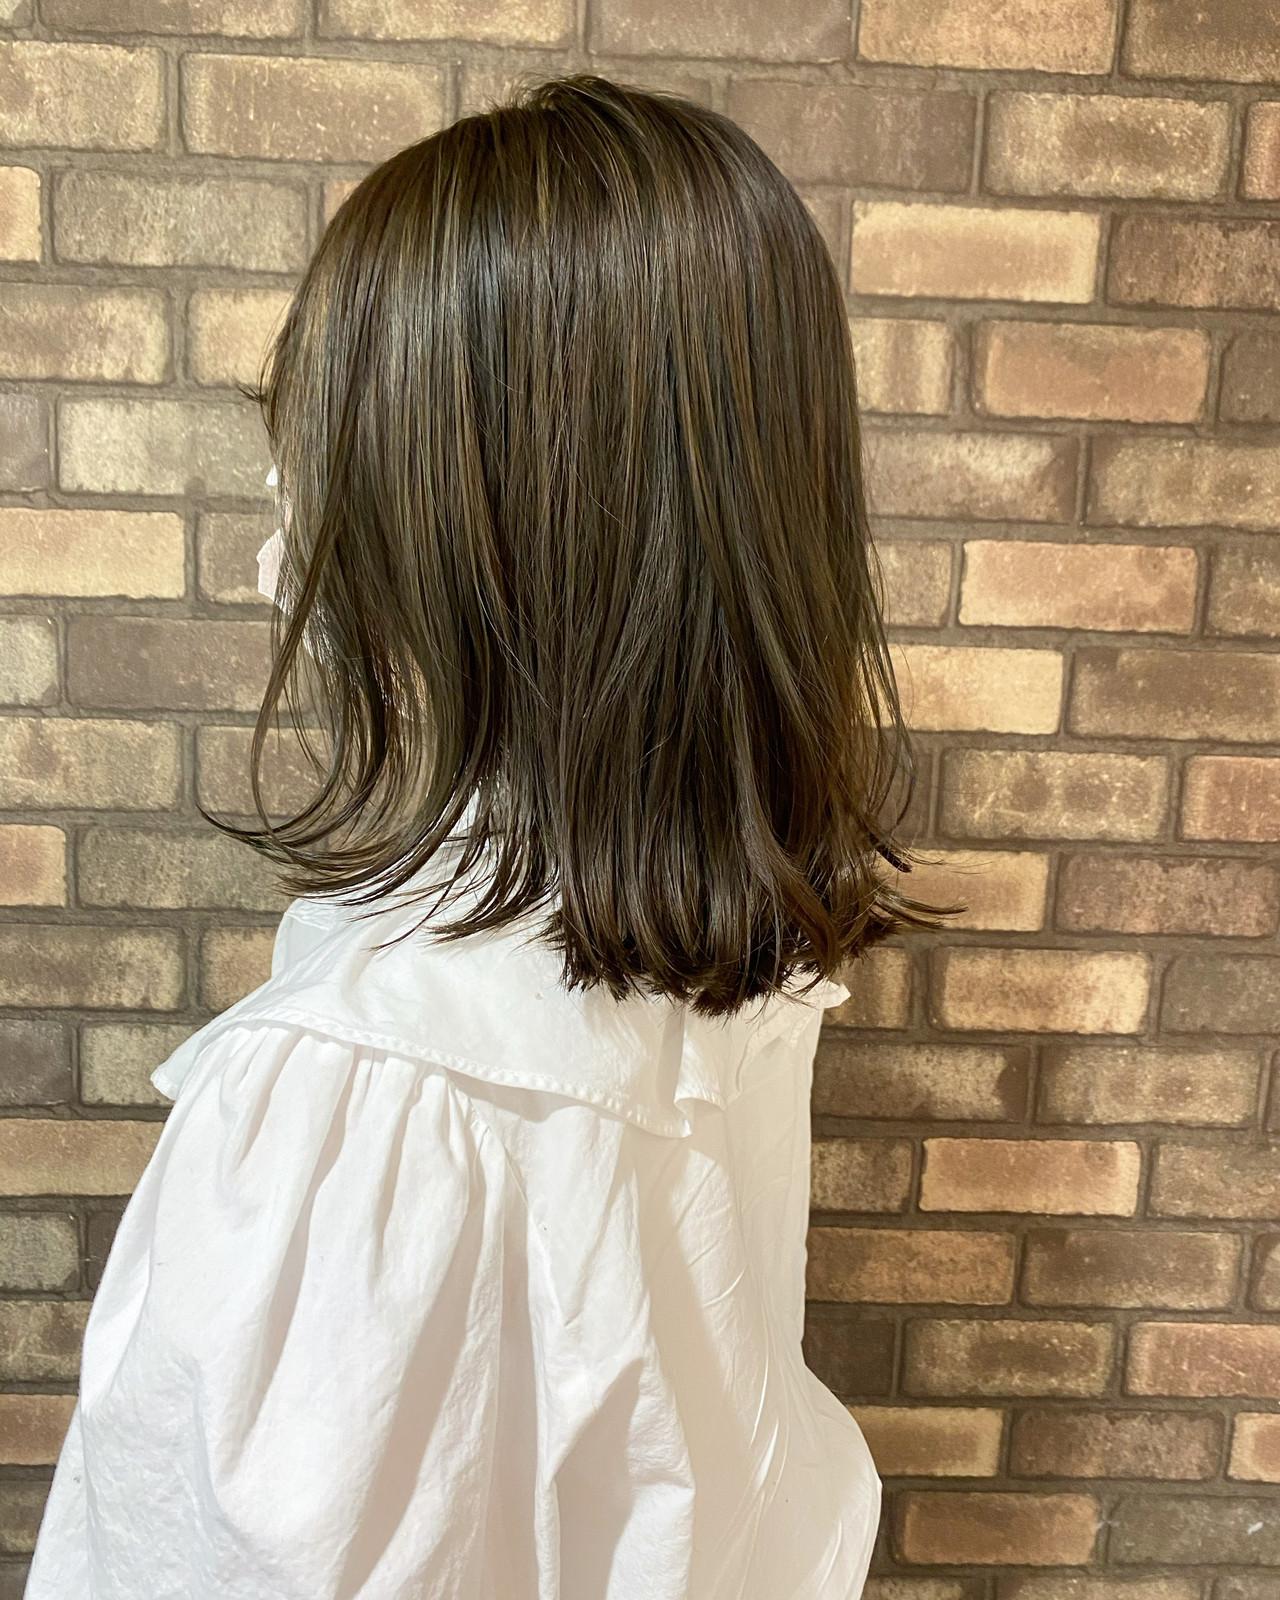 透明感 ハイライト N.オイル ナチュラル ヘアスタイルや髪型の写真・画像